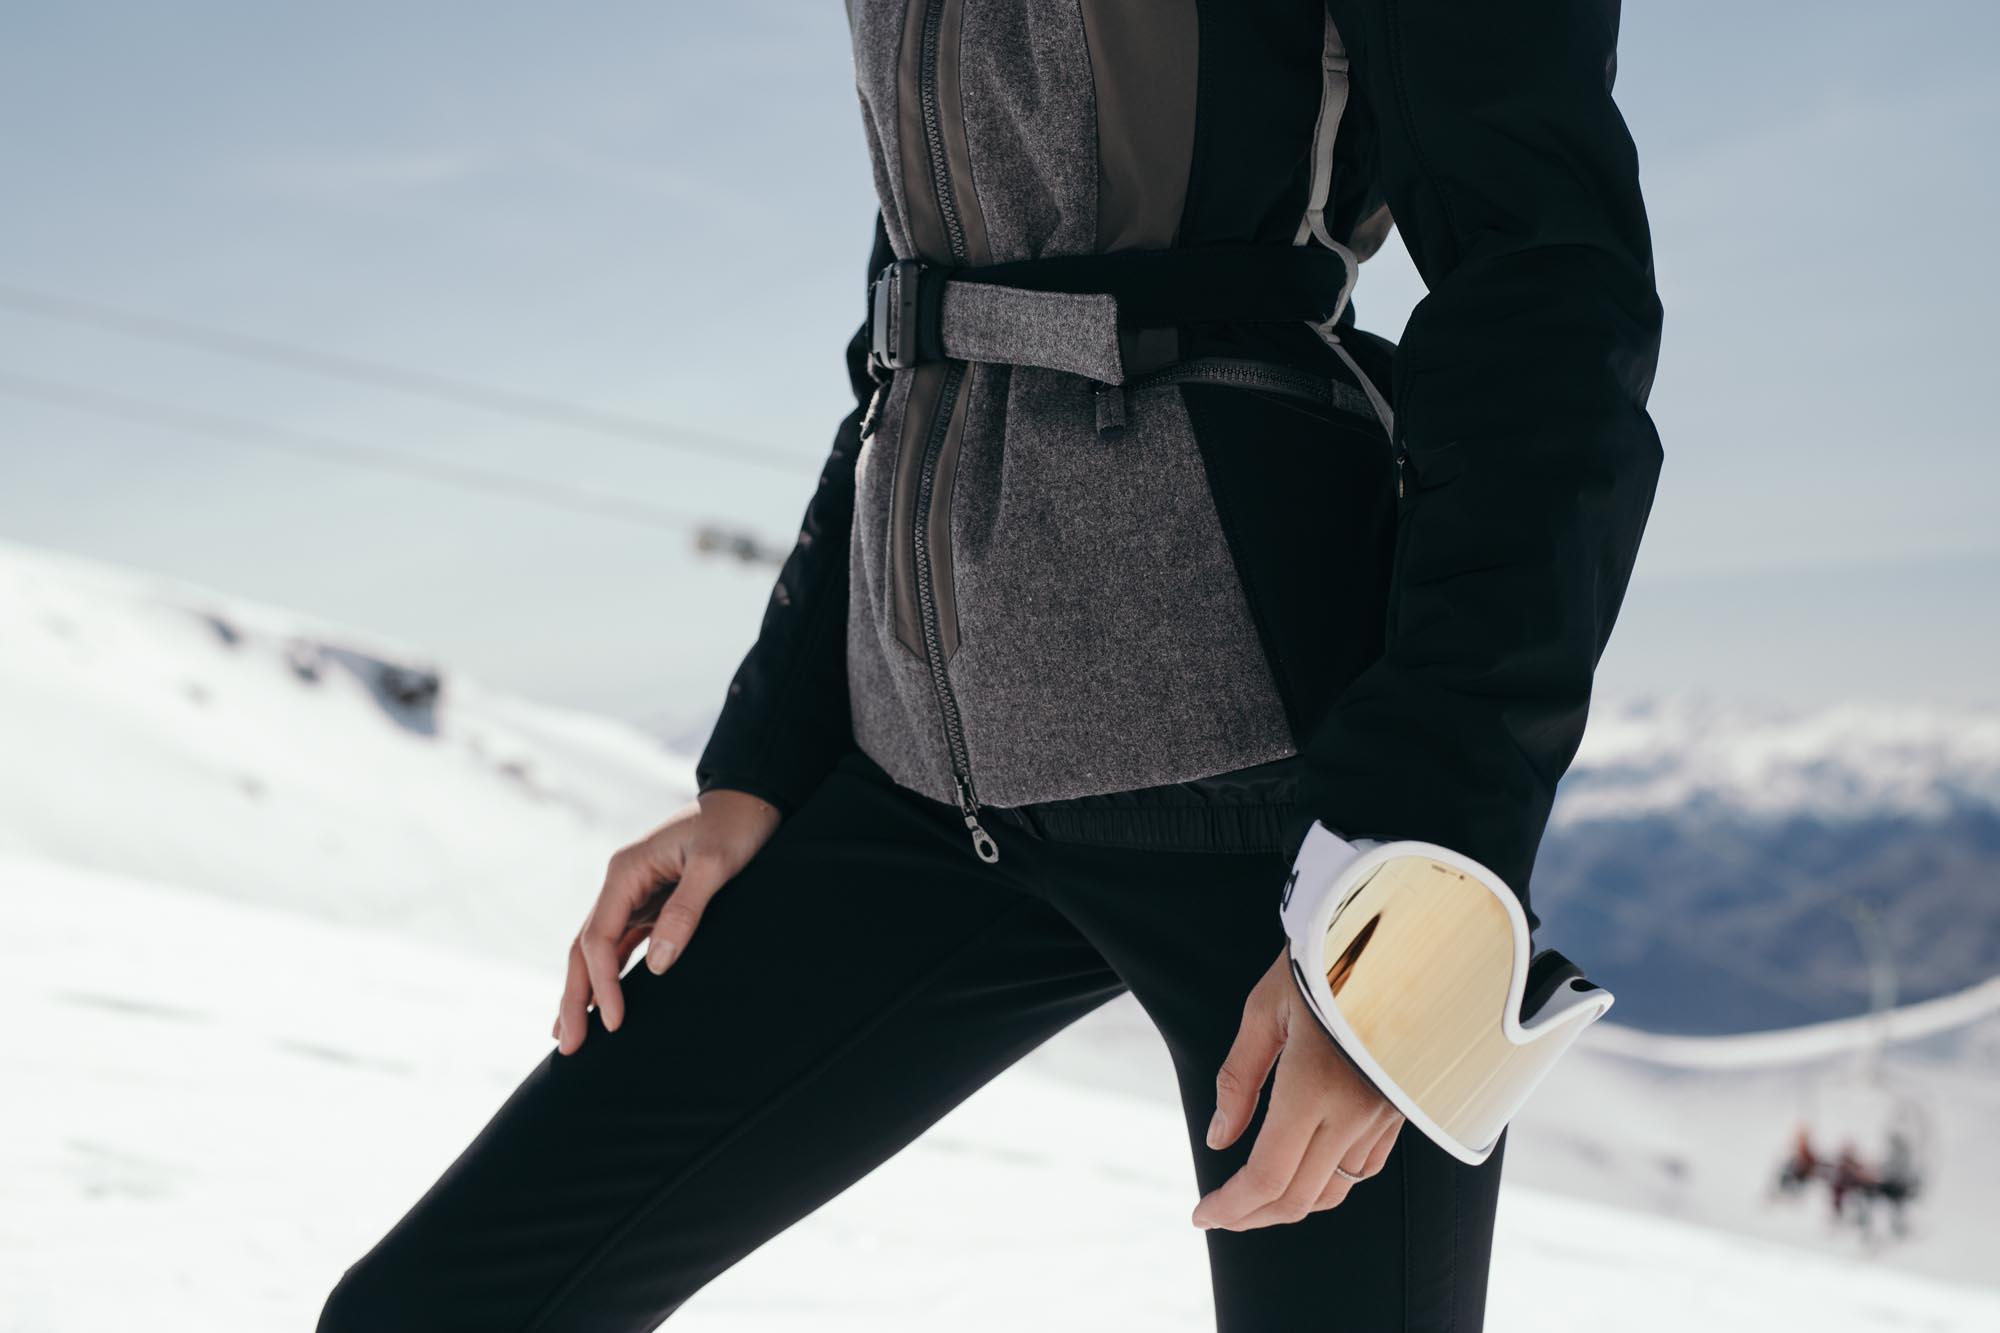 Women's Christie Stretch Ski Pants